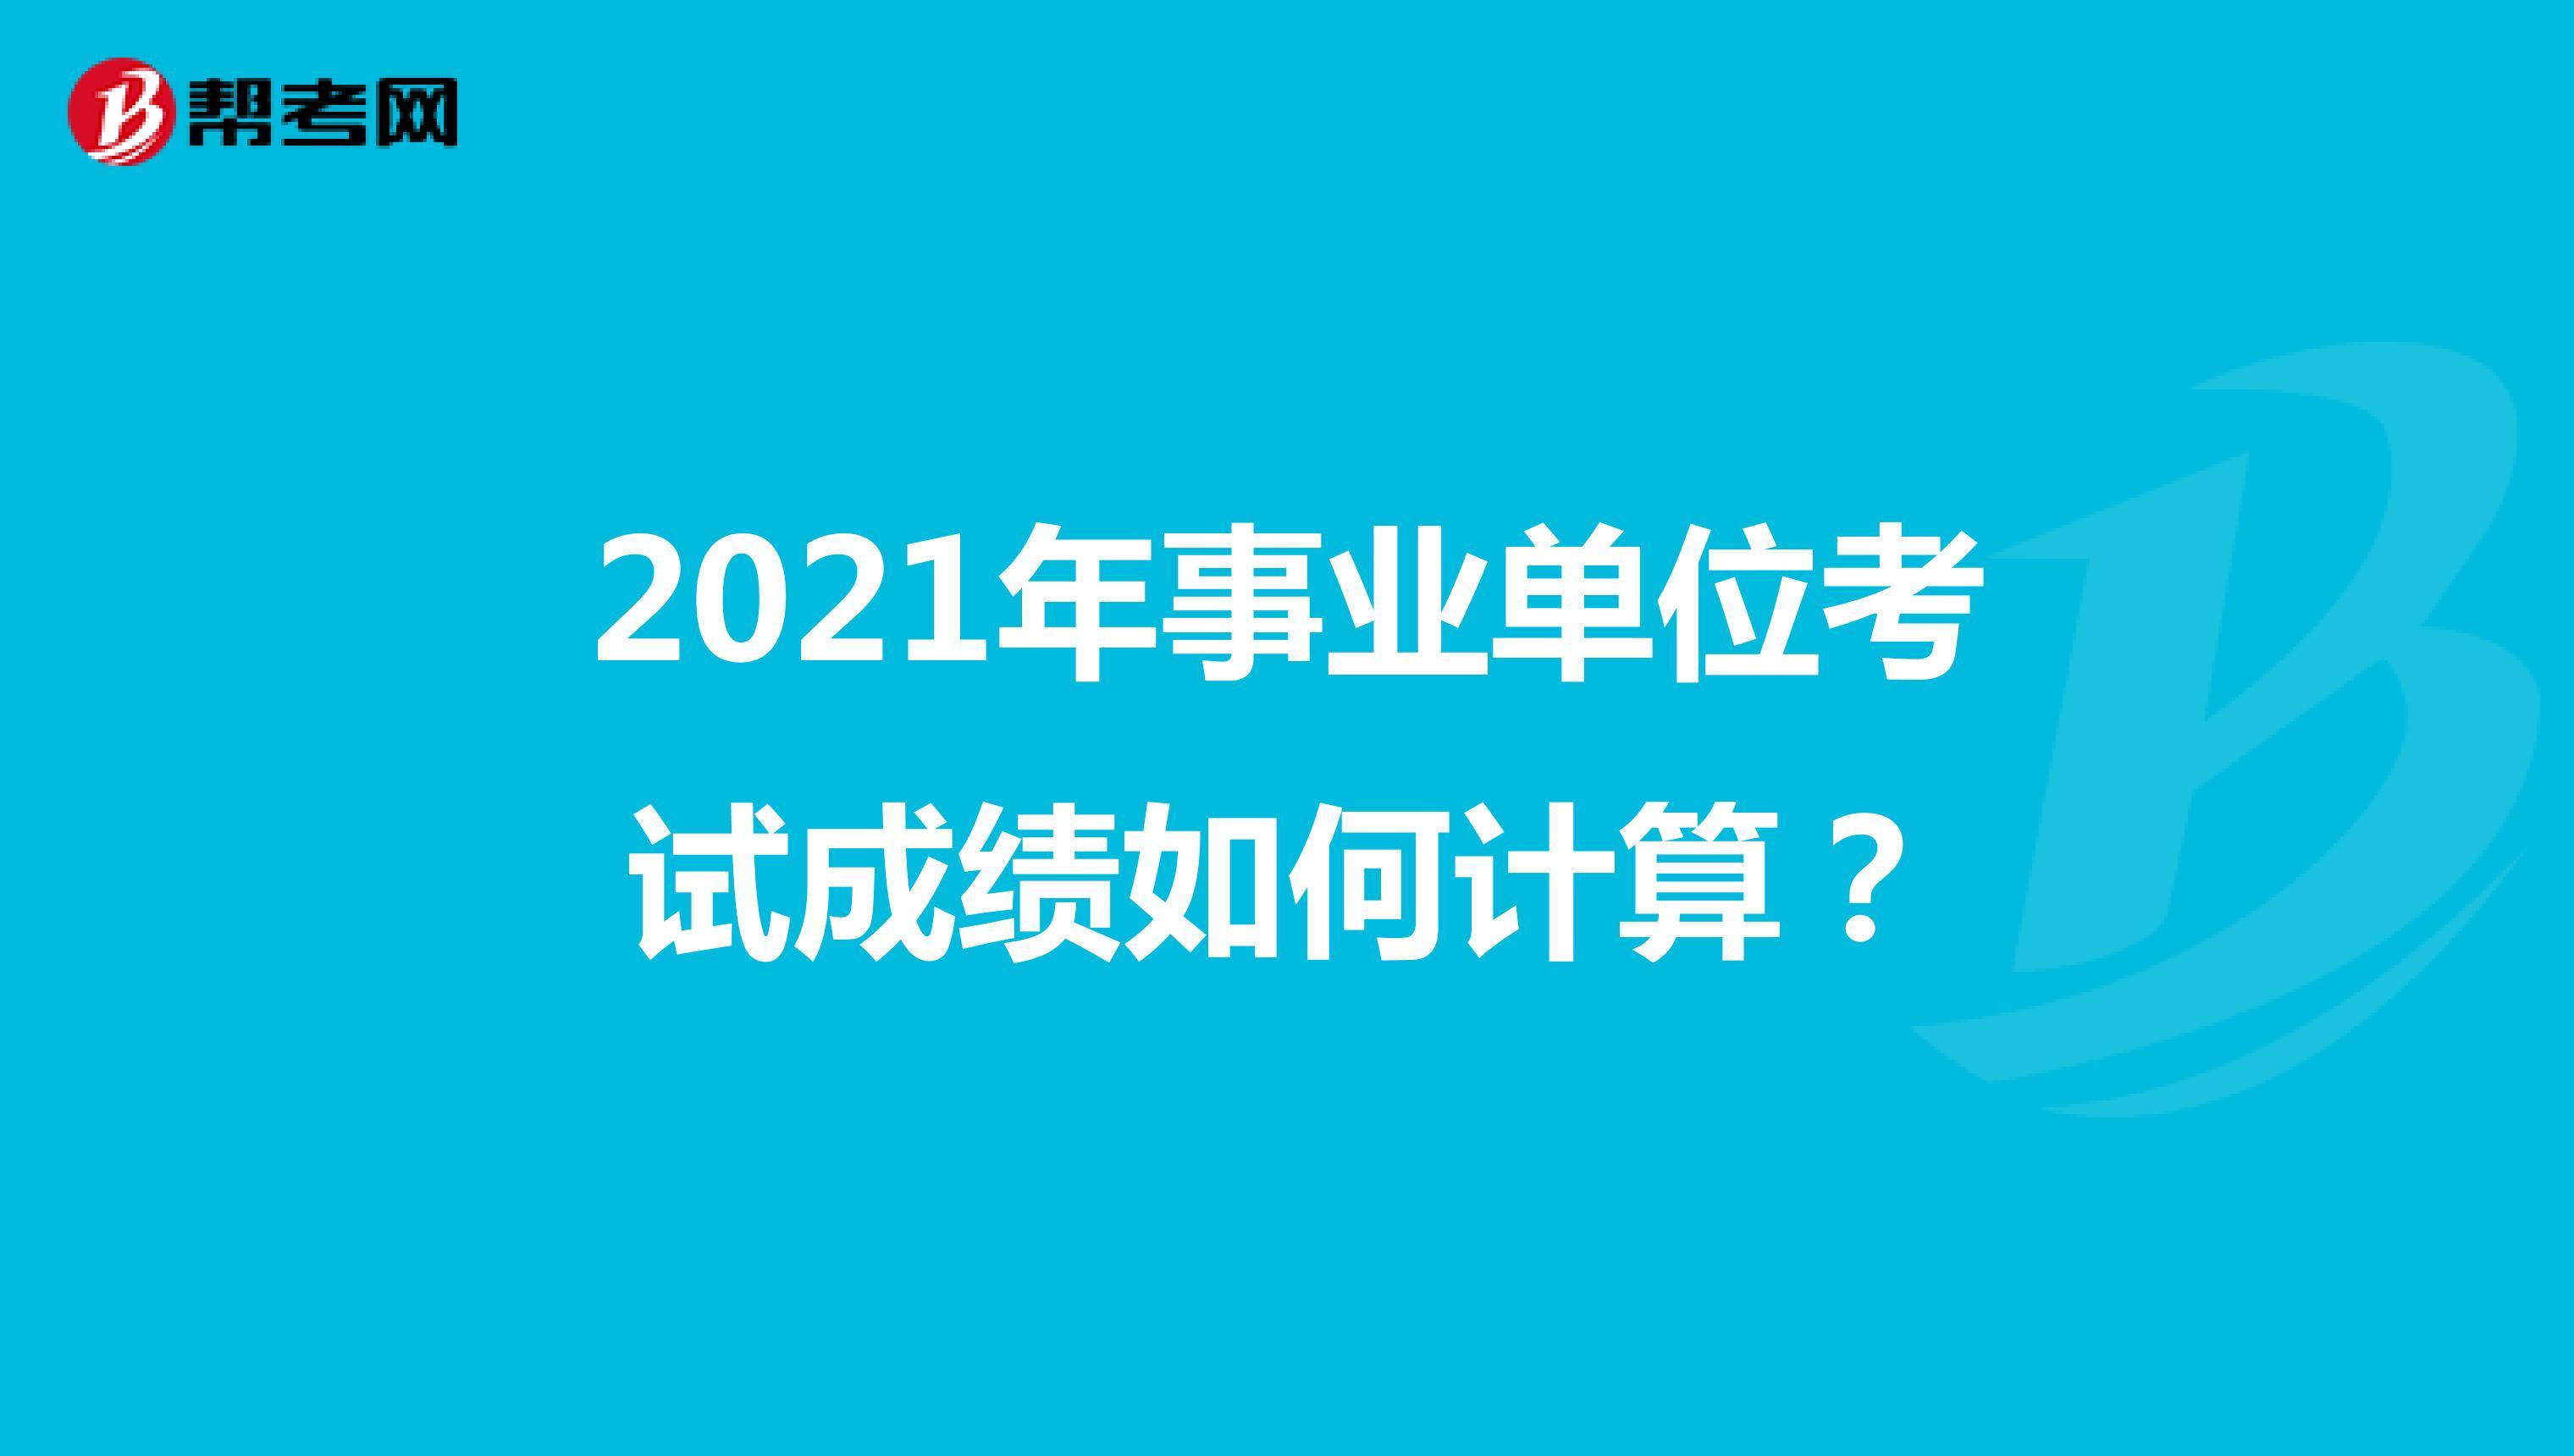 2021年事业单位考试成绩如何计算?